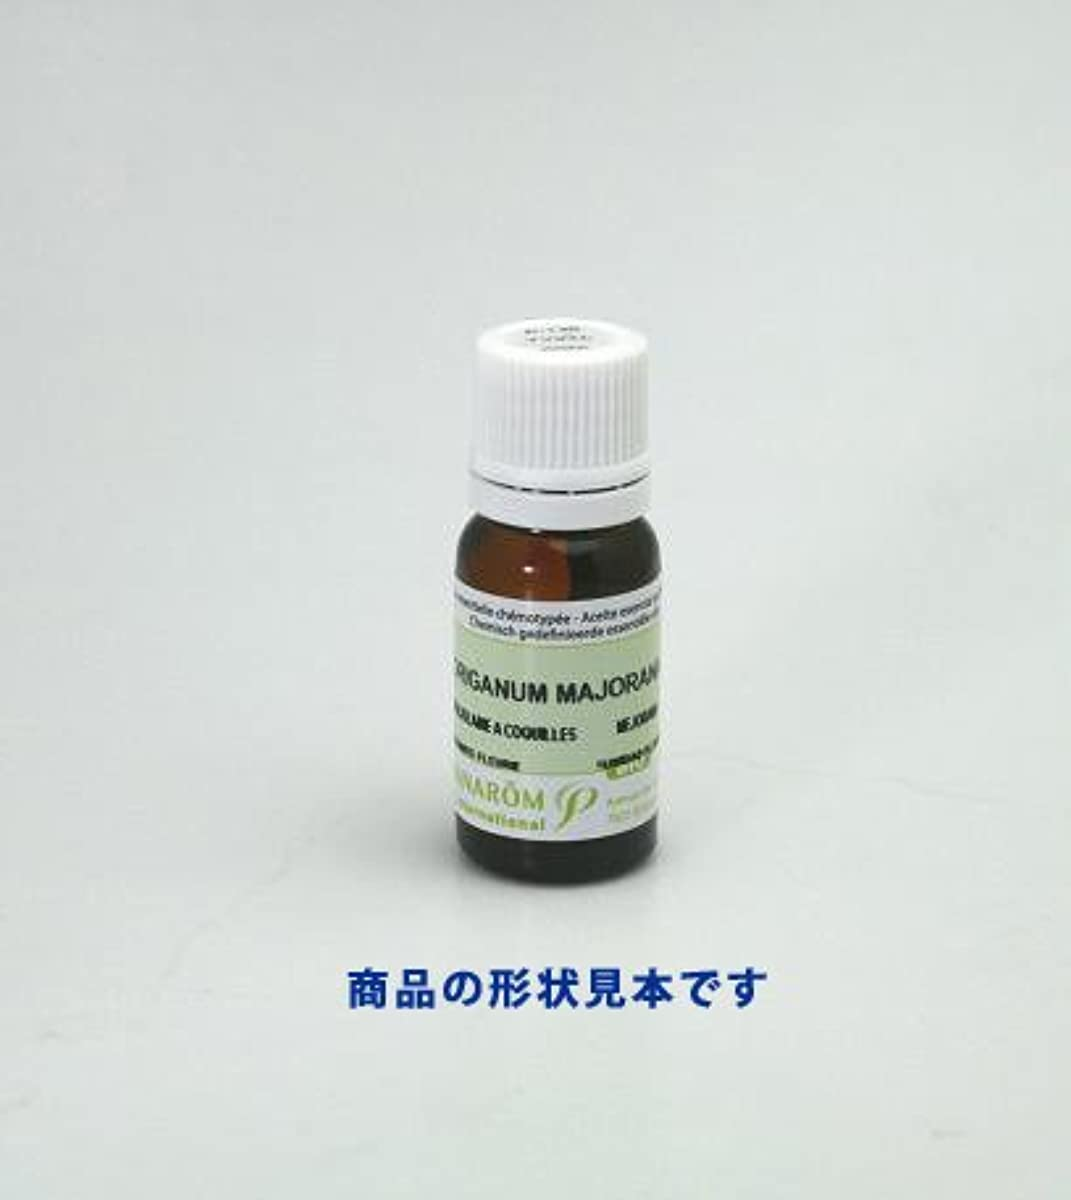 豆腐魔女頭蓋骨プラナロム社製精油:P-112 ニアウリCT1